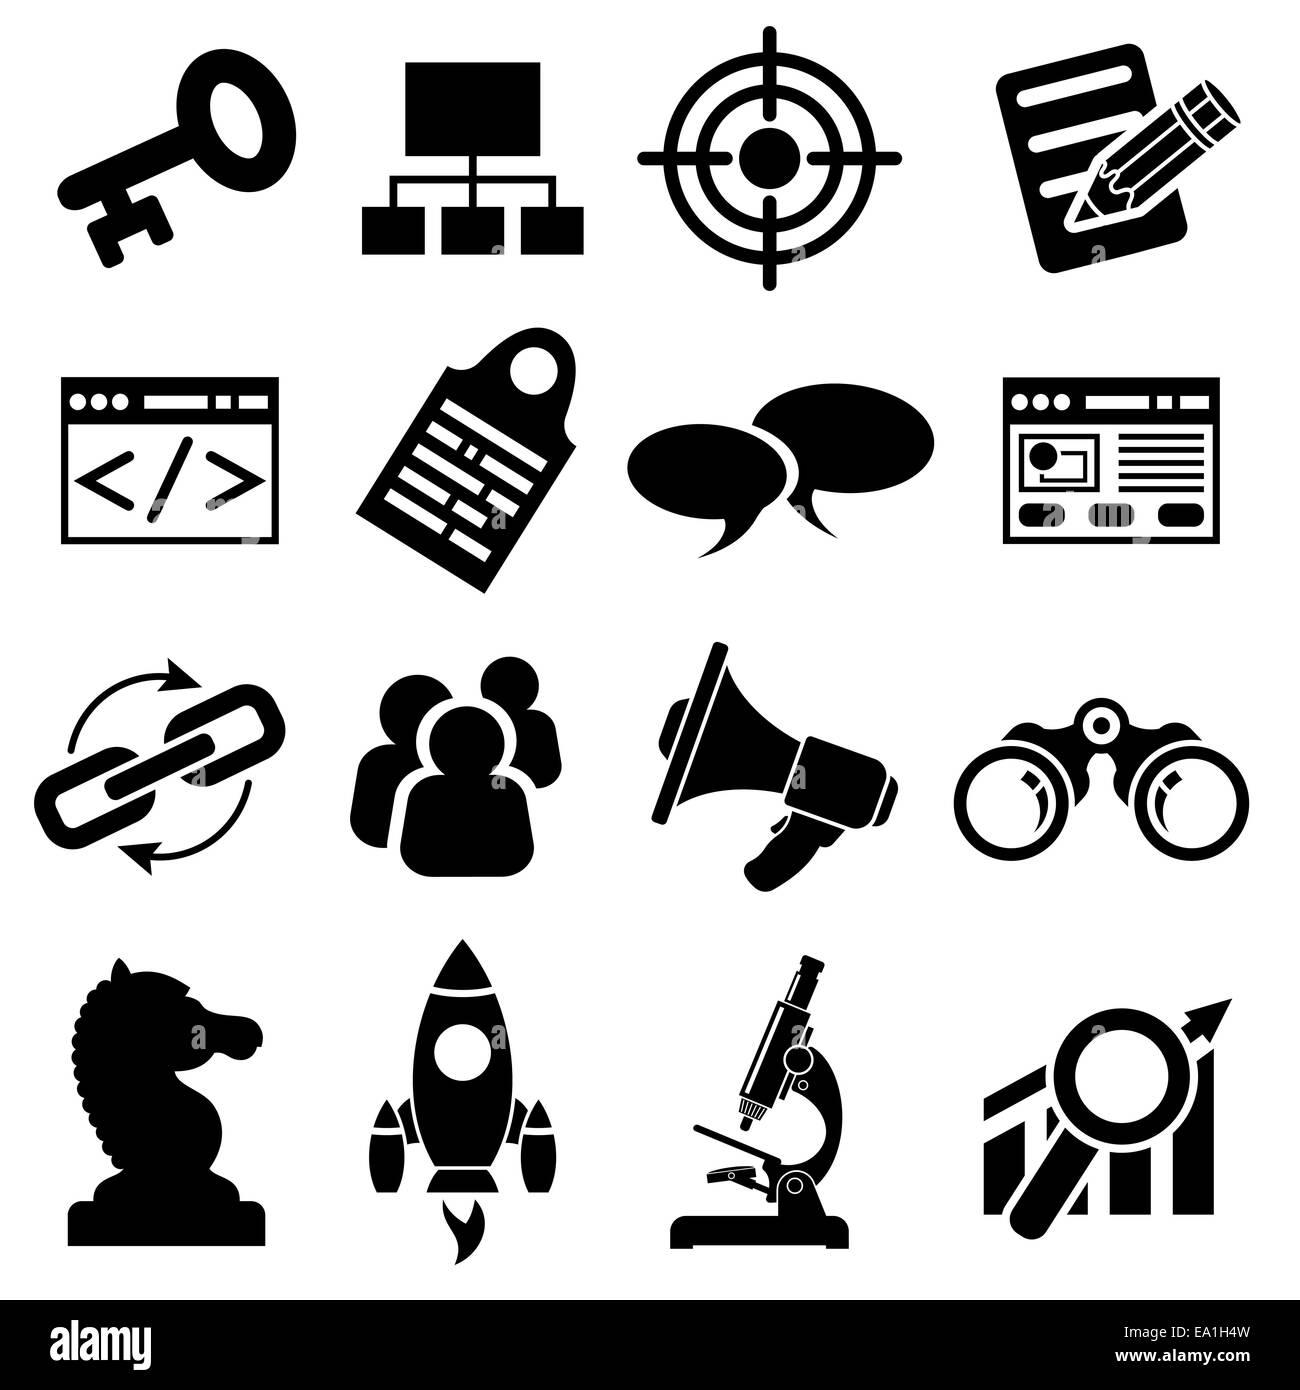 Search Engine Optimization (SEO) Icon Set. isolated on white background. - Stock Image